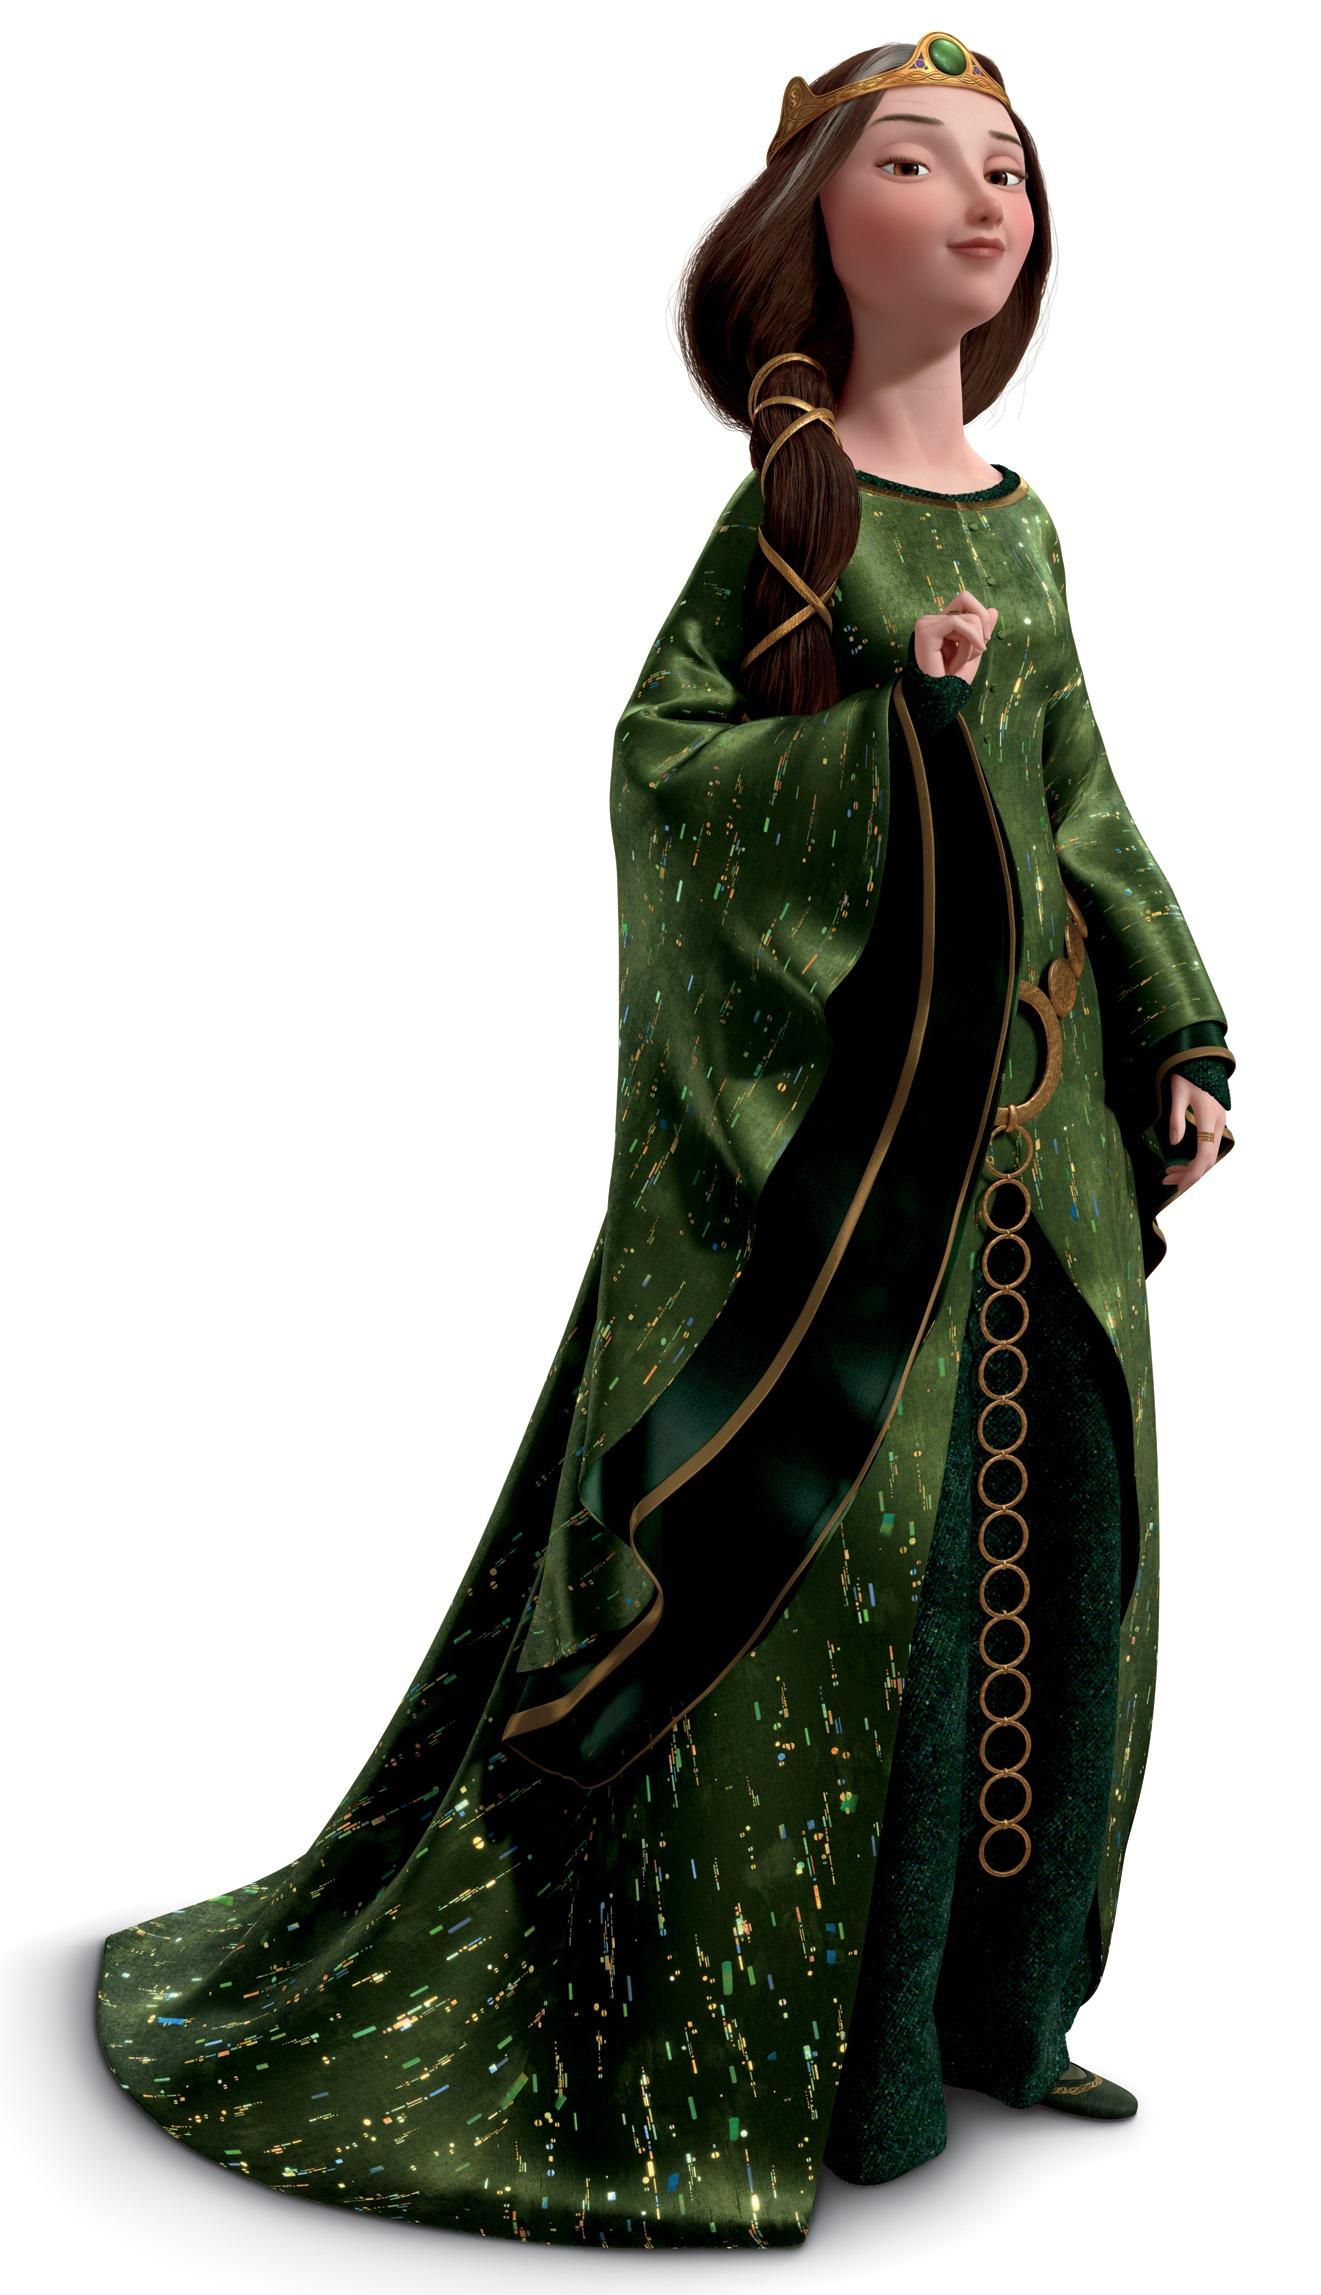 Queen Elinor  Disney Wiki  FANDOM powered by Wikia